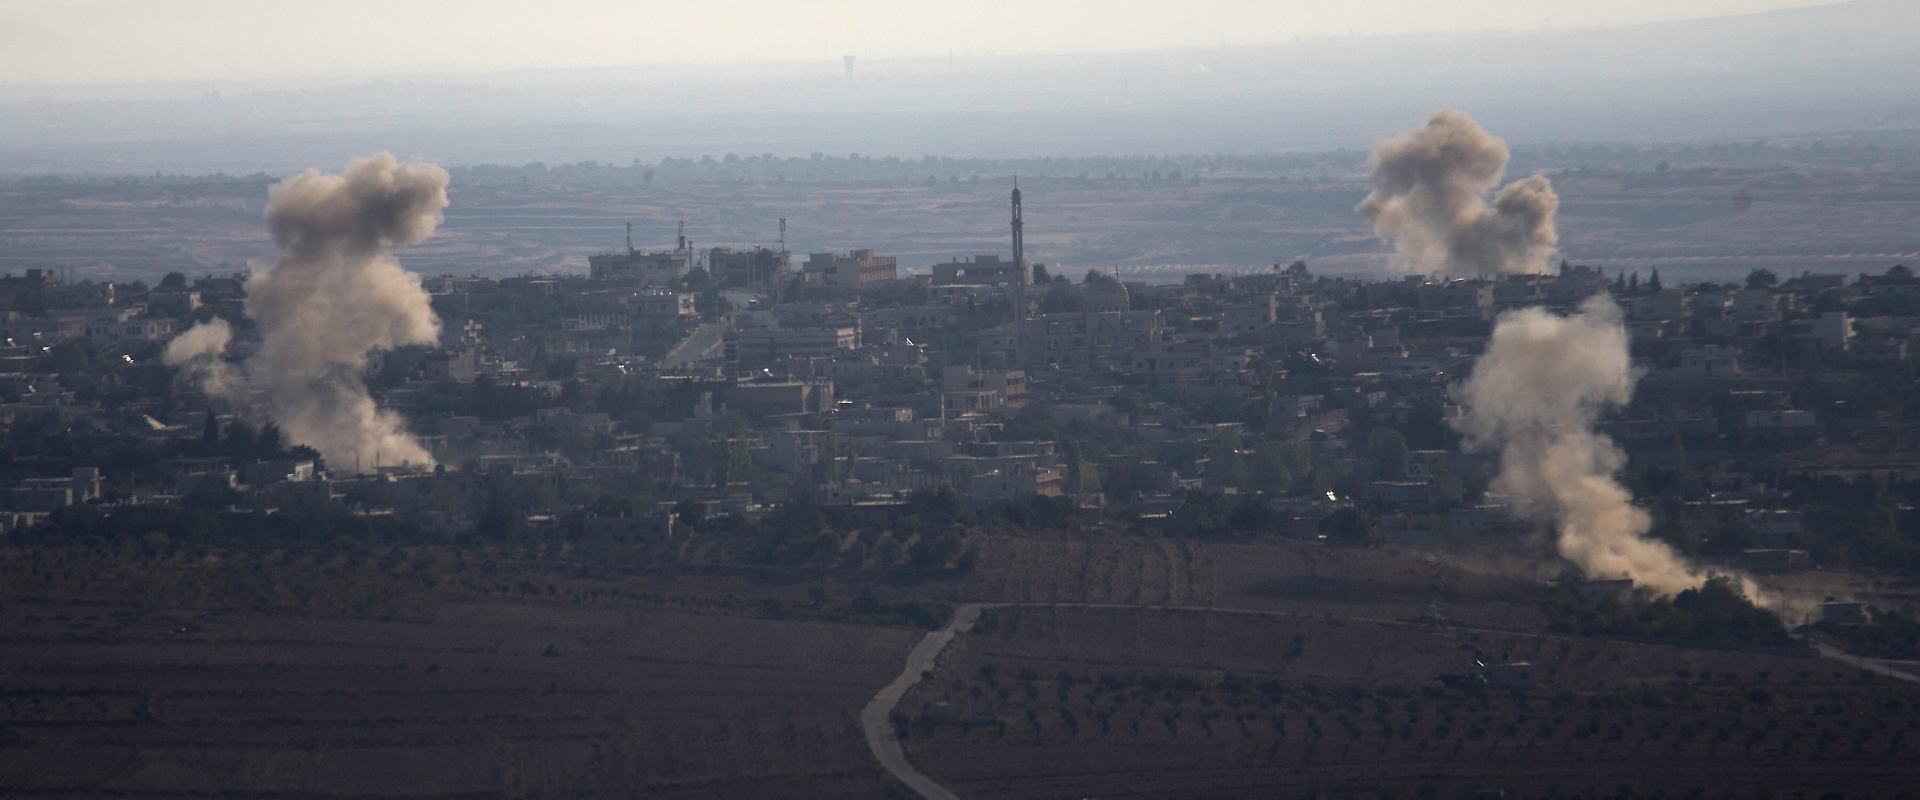 ירי בלחמת האזרחים בסוריה שנראה מרמת הגולן